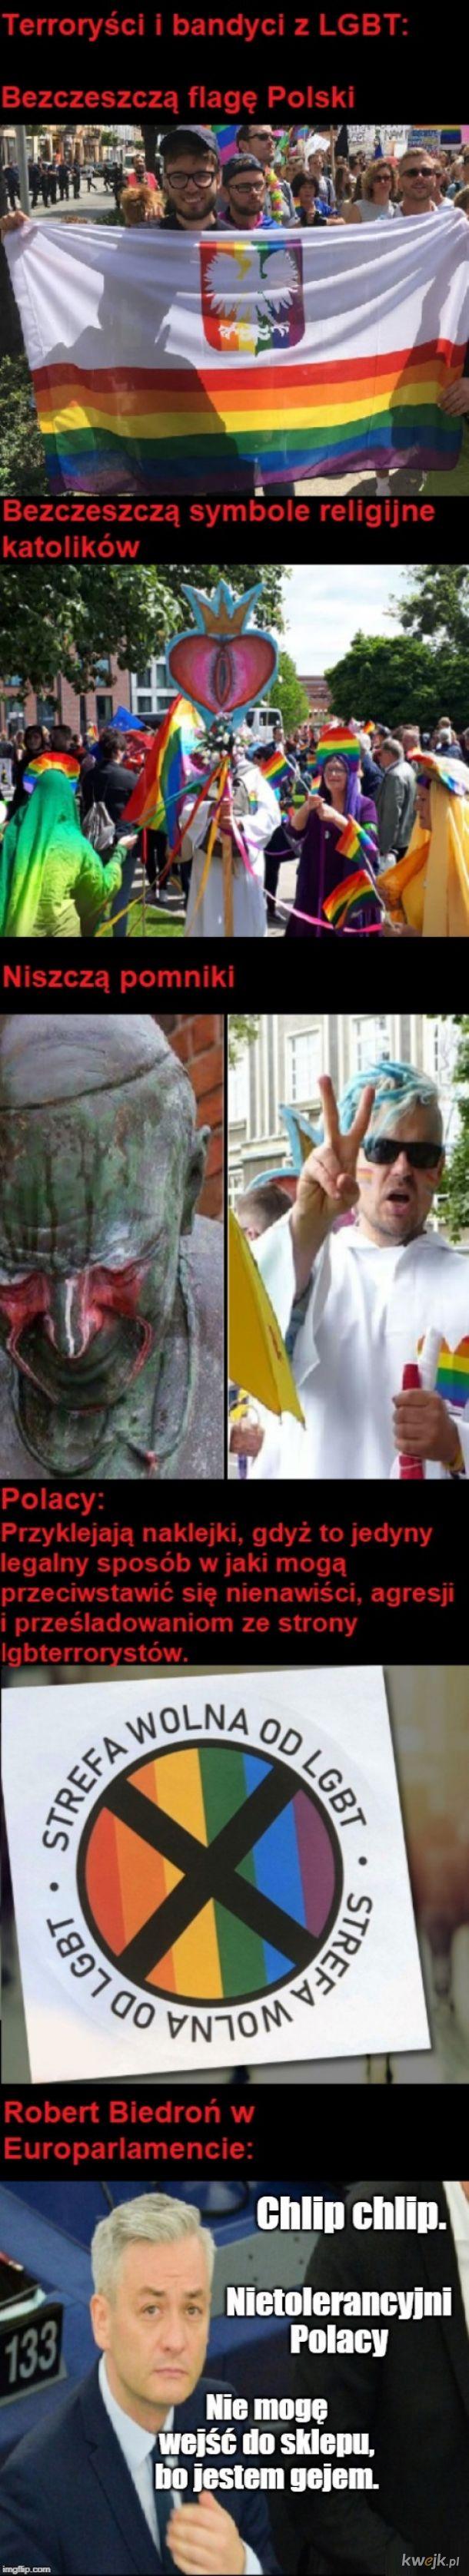 LGBT: Tolerować to nas, ale nie my